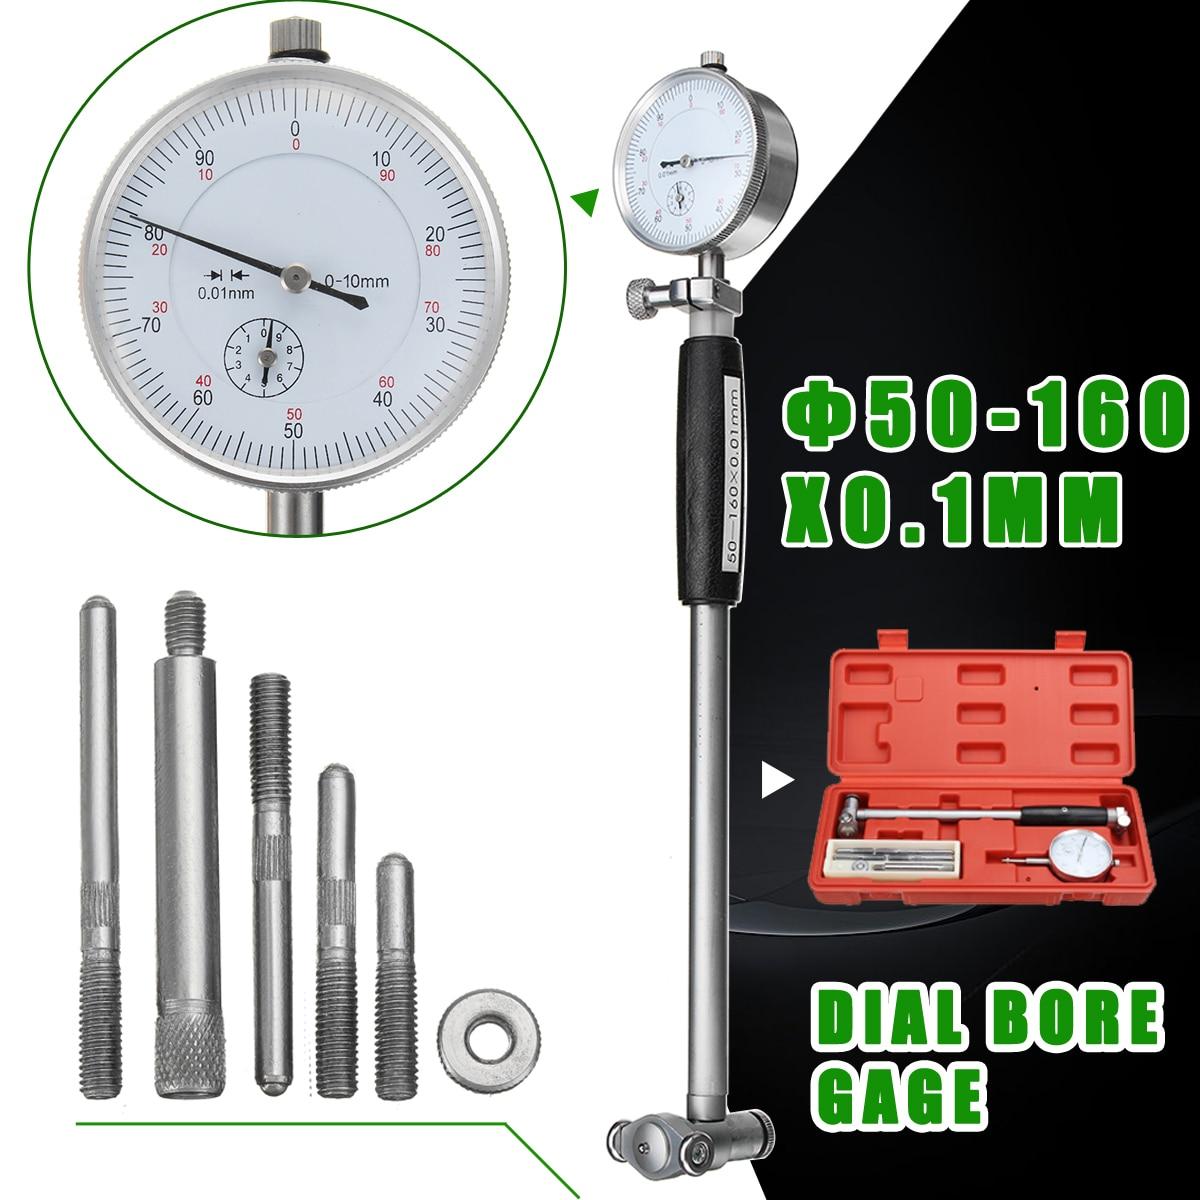 50-160mm/0.01mm Metrica Dial Bore Gauge Cilindro Interno Piccola All'interno Sonda di Misura Gage Prova Quadrante indicatore di Strumenti di Misura